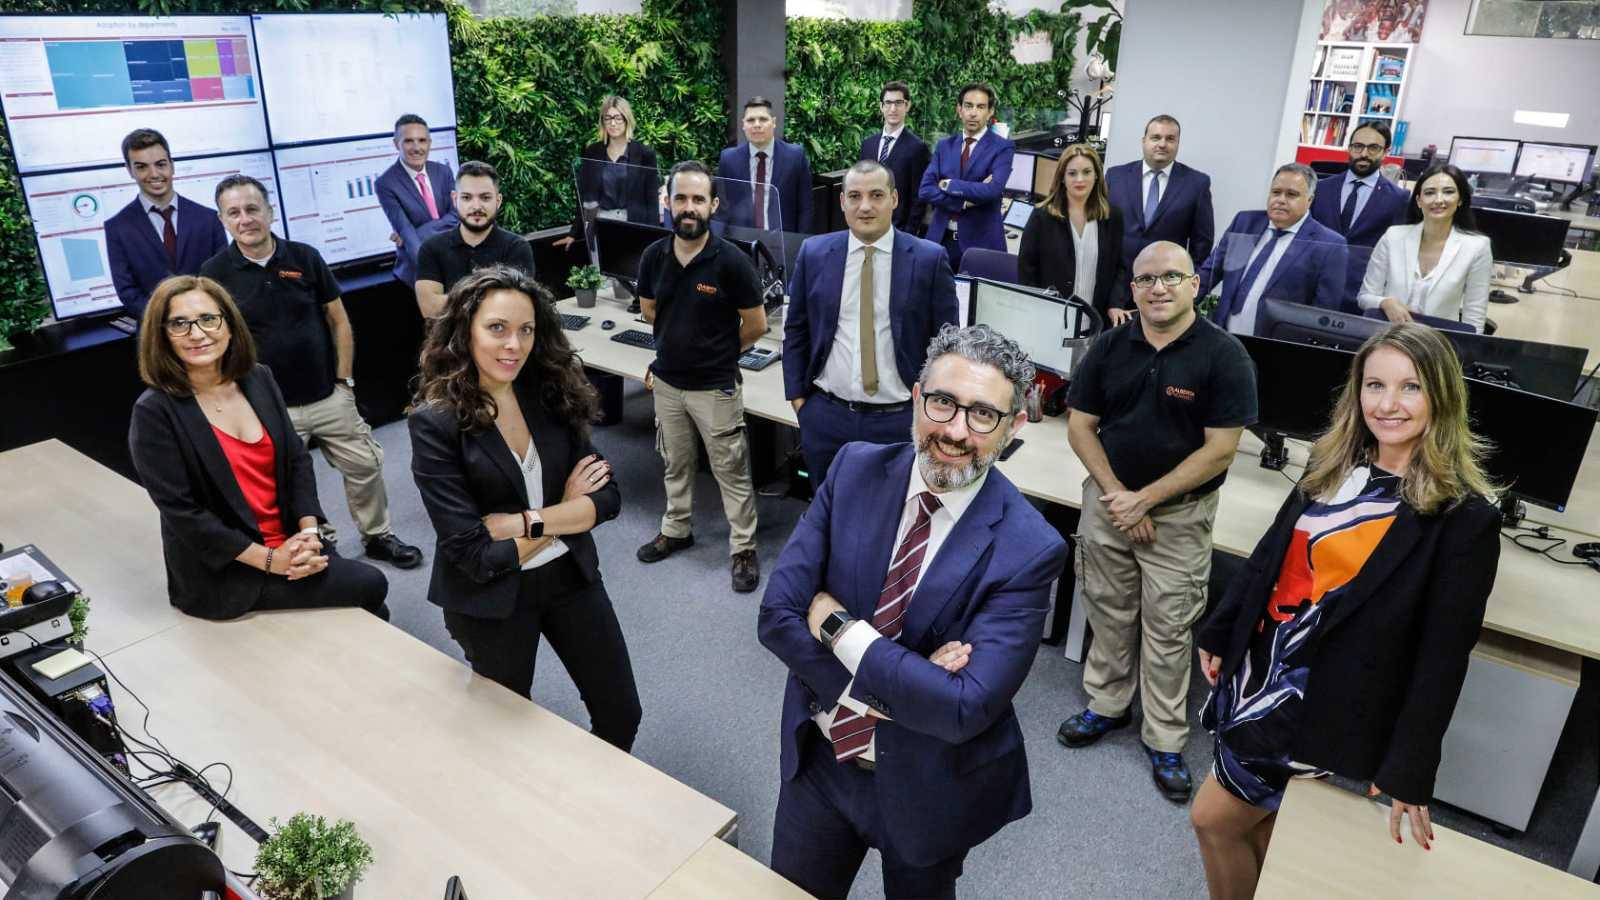 Marca España - Primera empresa española con el sello internacional EFQM - 10/11/20 - Escuchar ahora